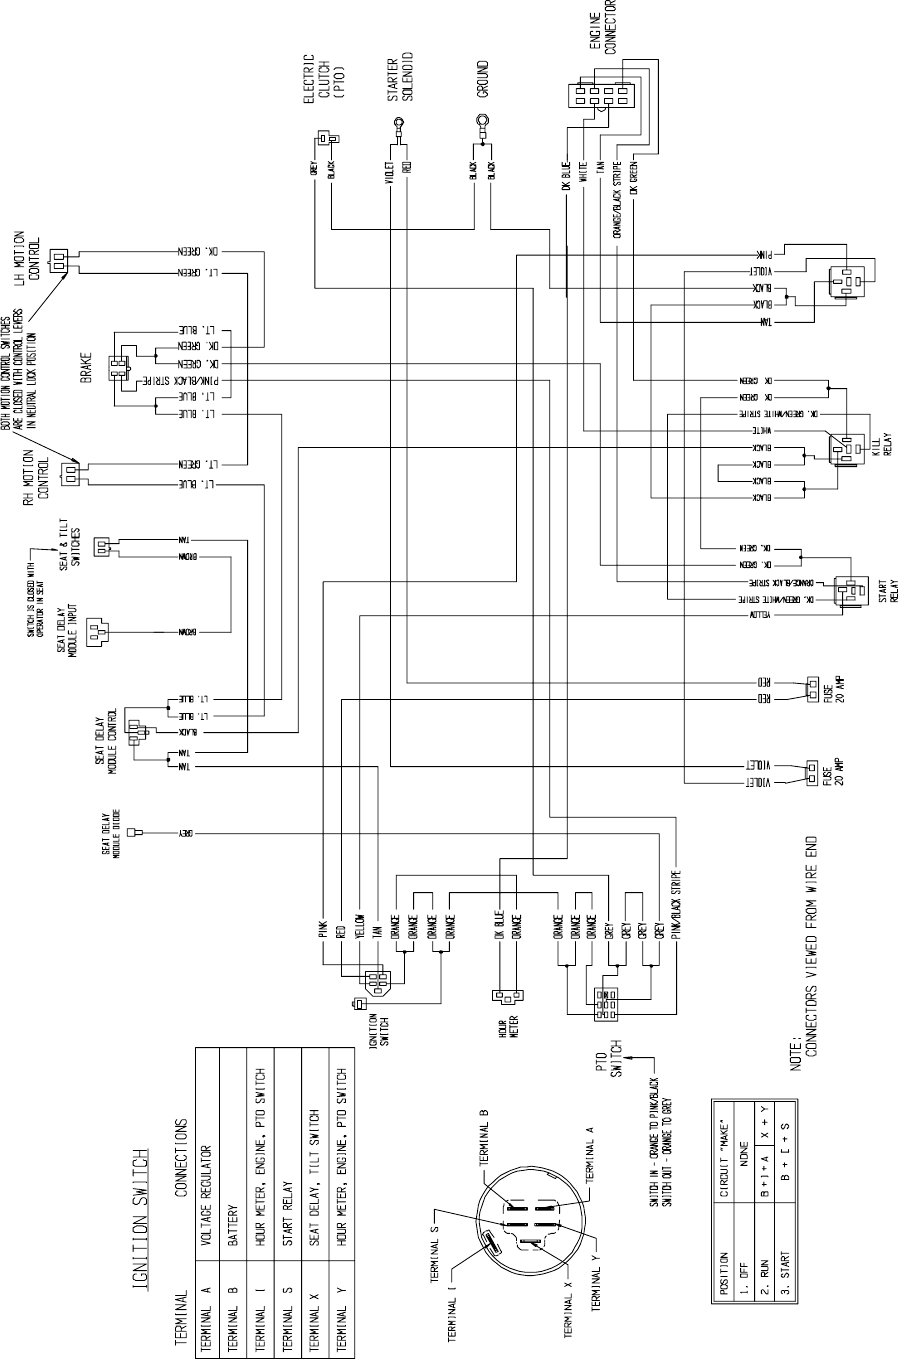 Kubota Tractor B26 Starter Wiring Diagram Kubota RTV Schematic ...